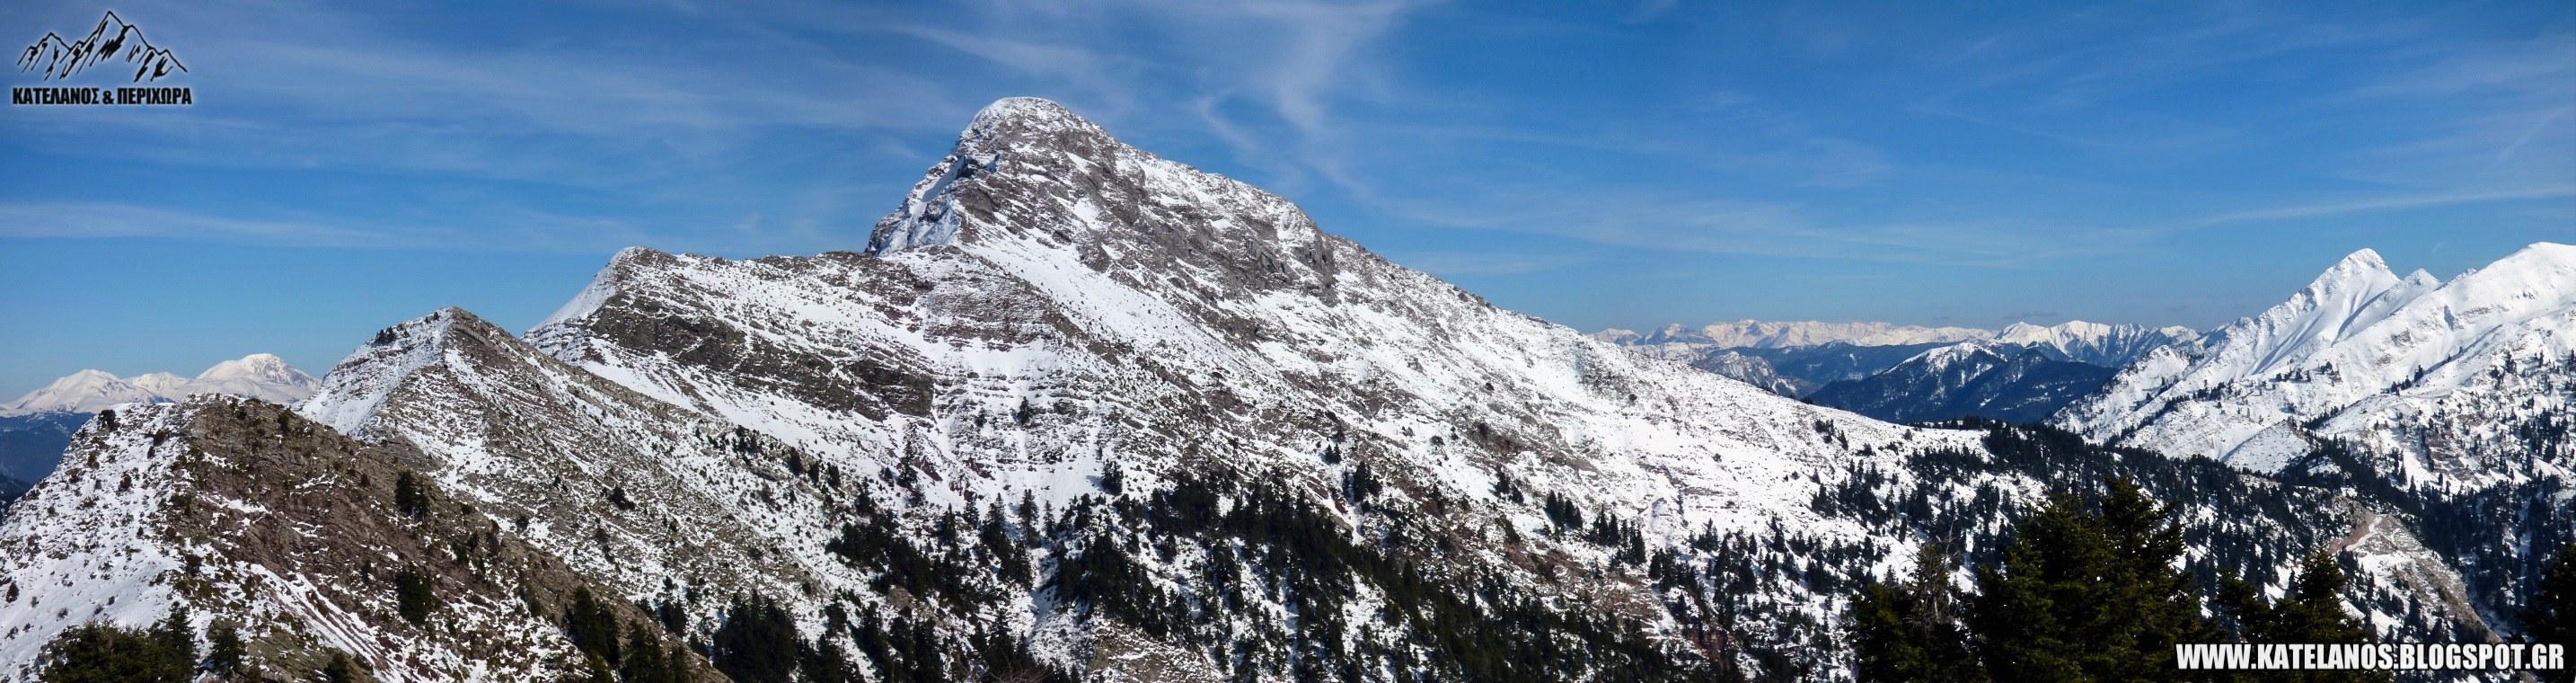 παναιτωλικο ορος χιονισμενο κουτουπας νεραϊδοβουνι